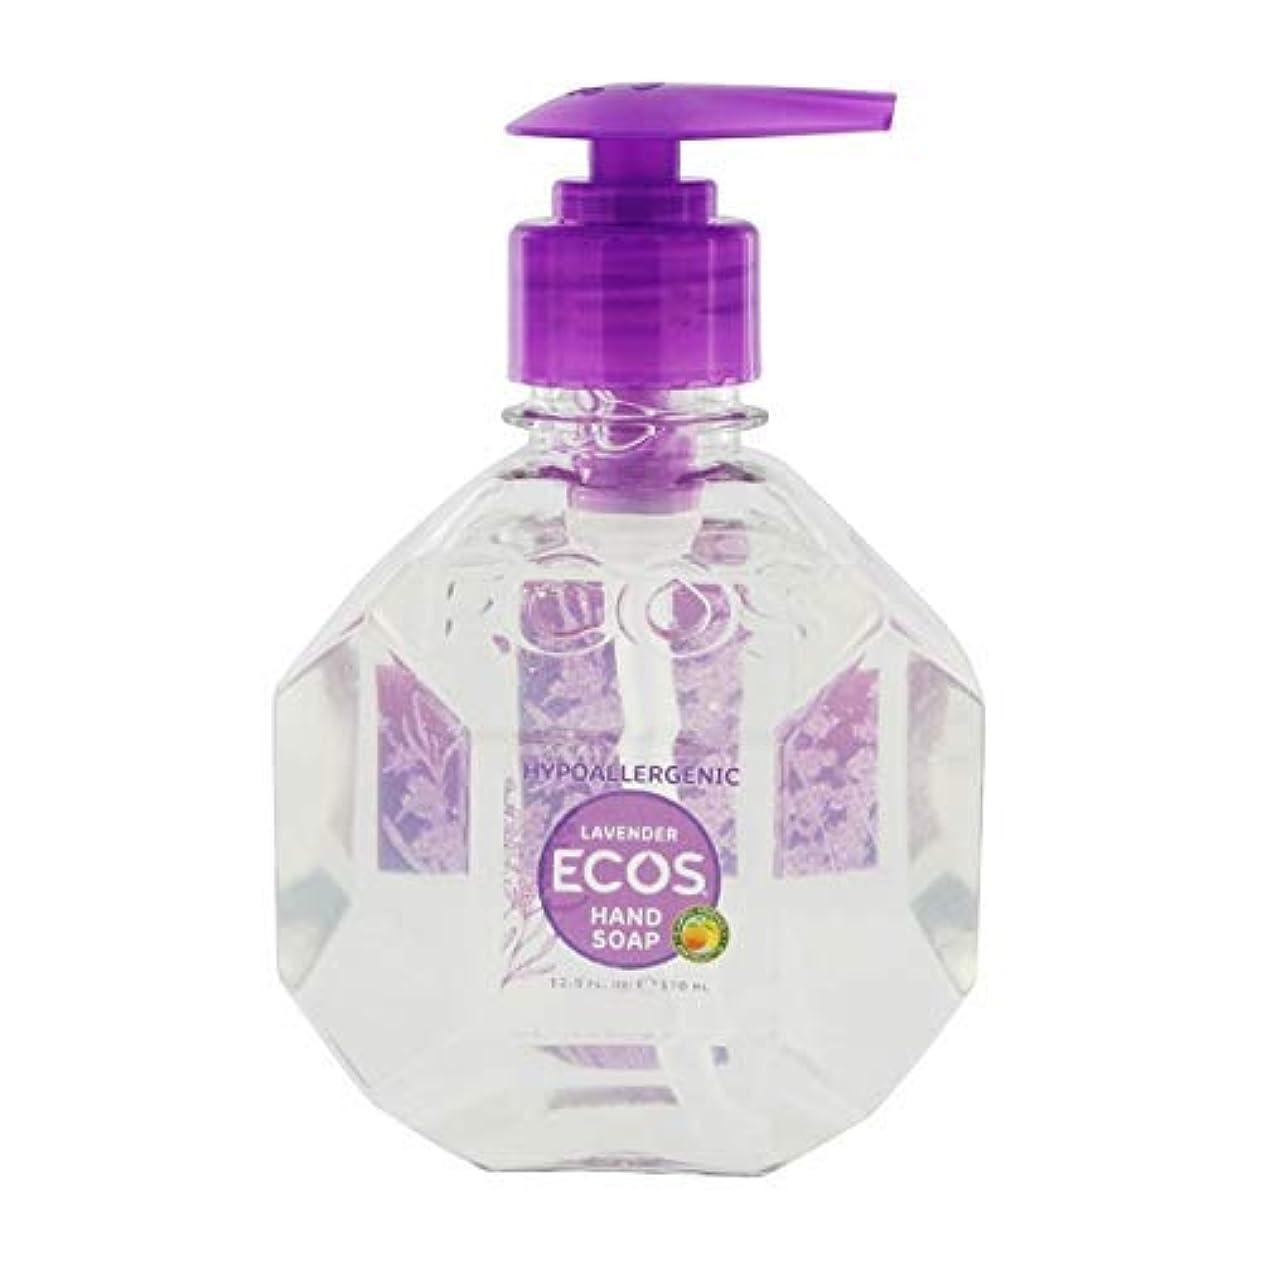 壁華氏同盟Earth Friendly Hand soap Lavender 12.5 oz [並行輸入品]